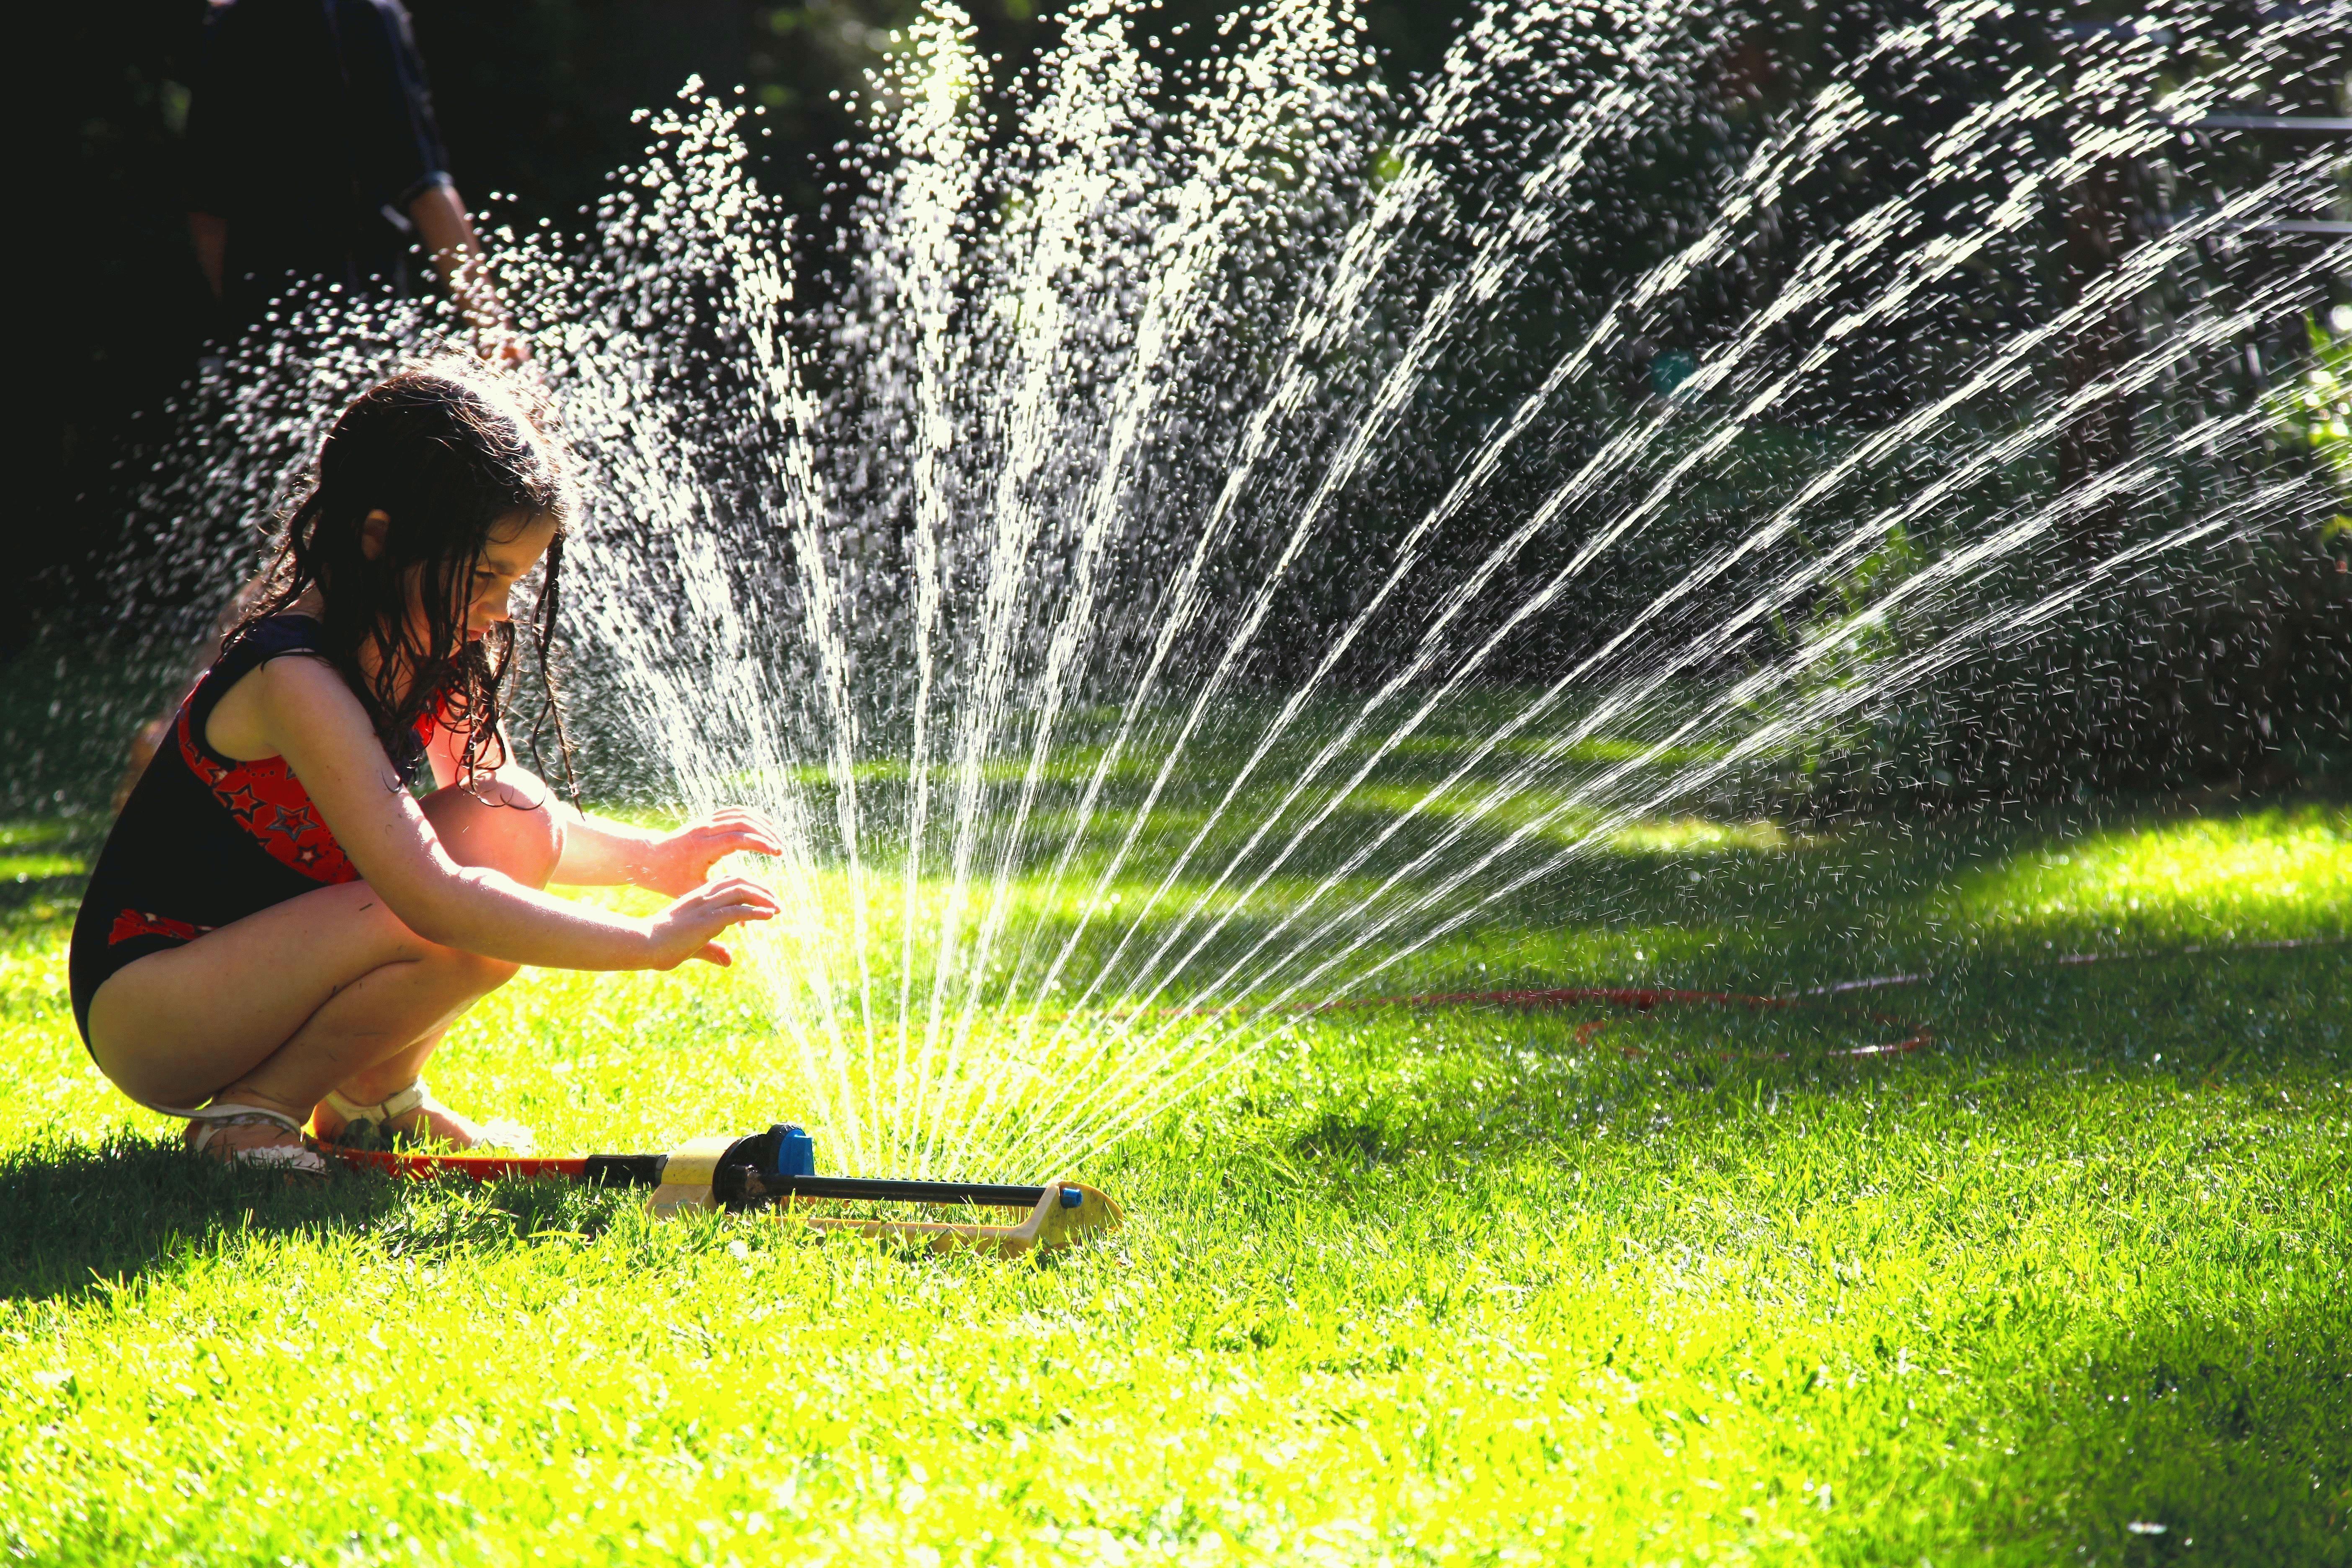 шланг с водой картинка идеальным